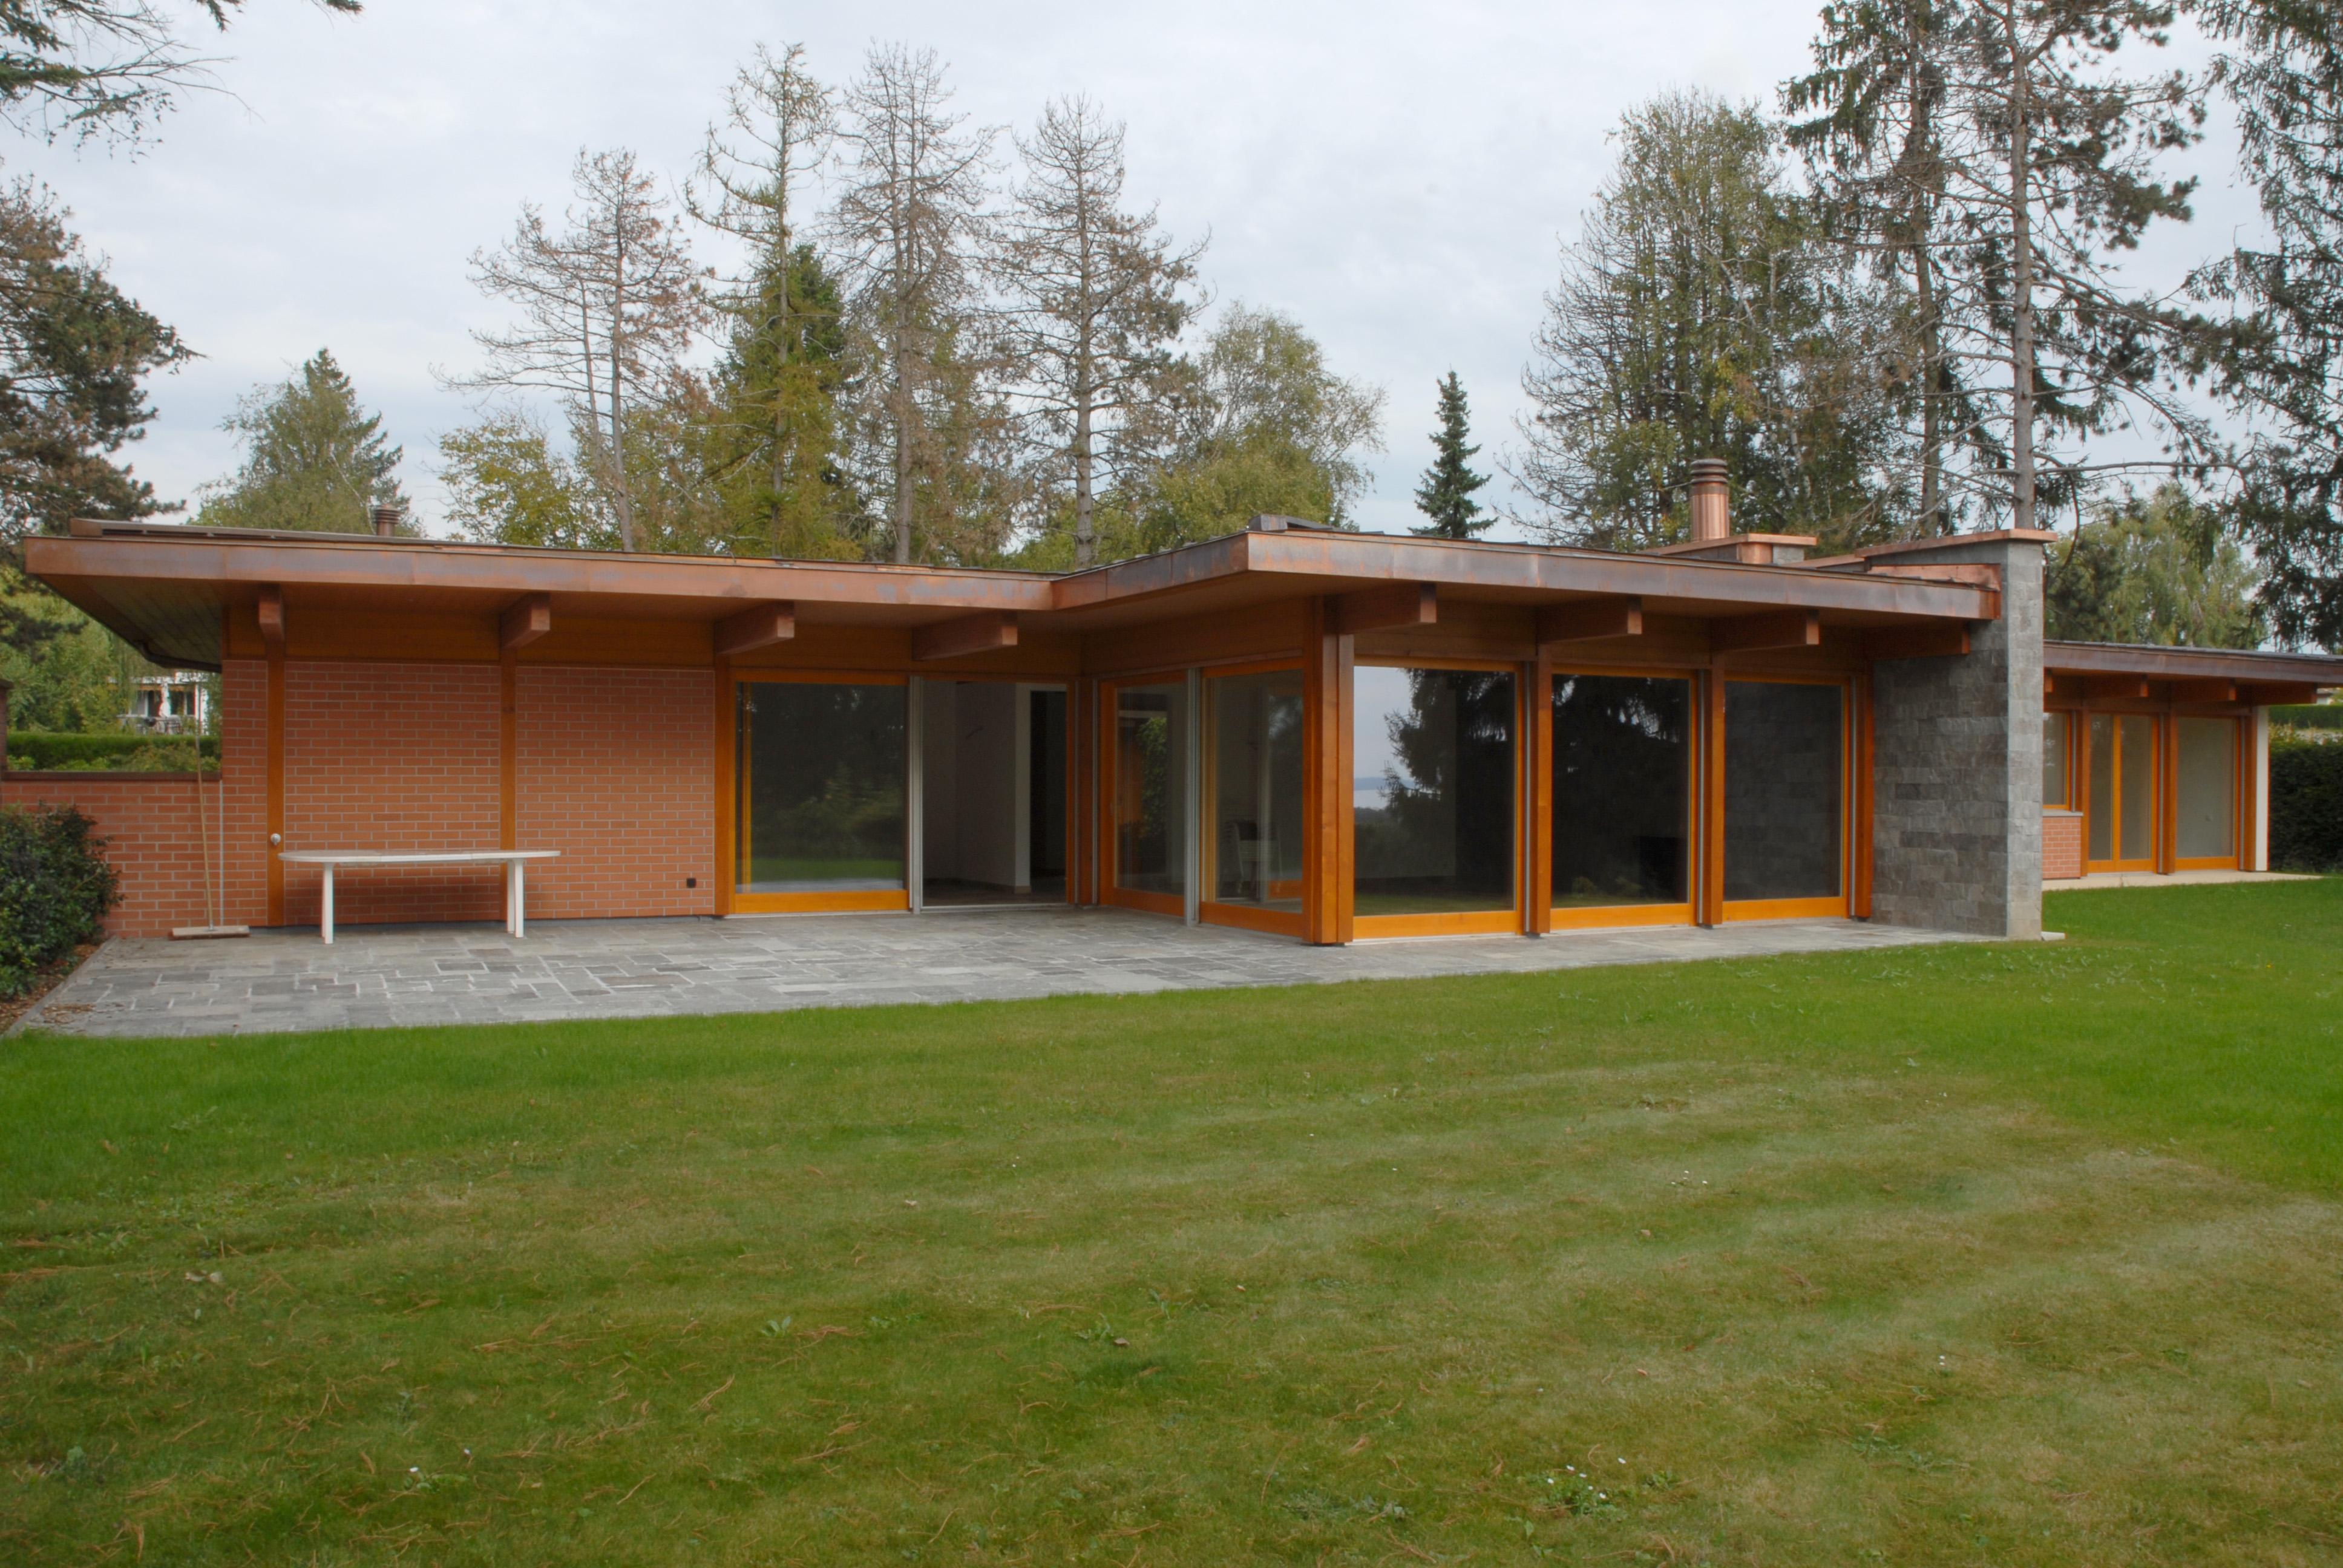 195sqm Bungalow Type Villa In Crans Près Céligny